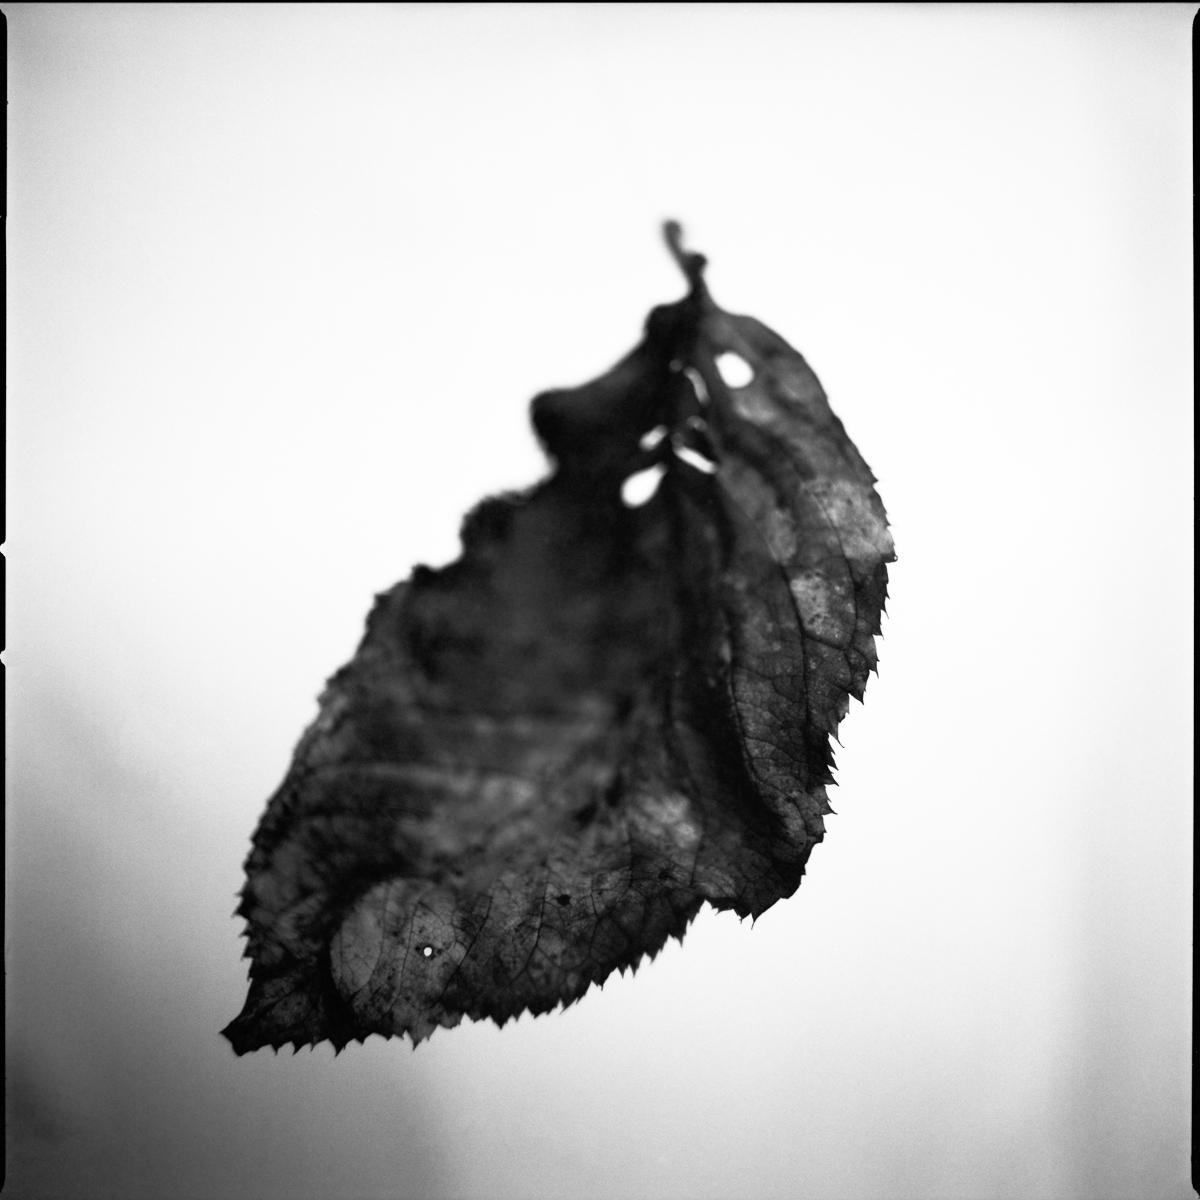 leaf on film